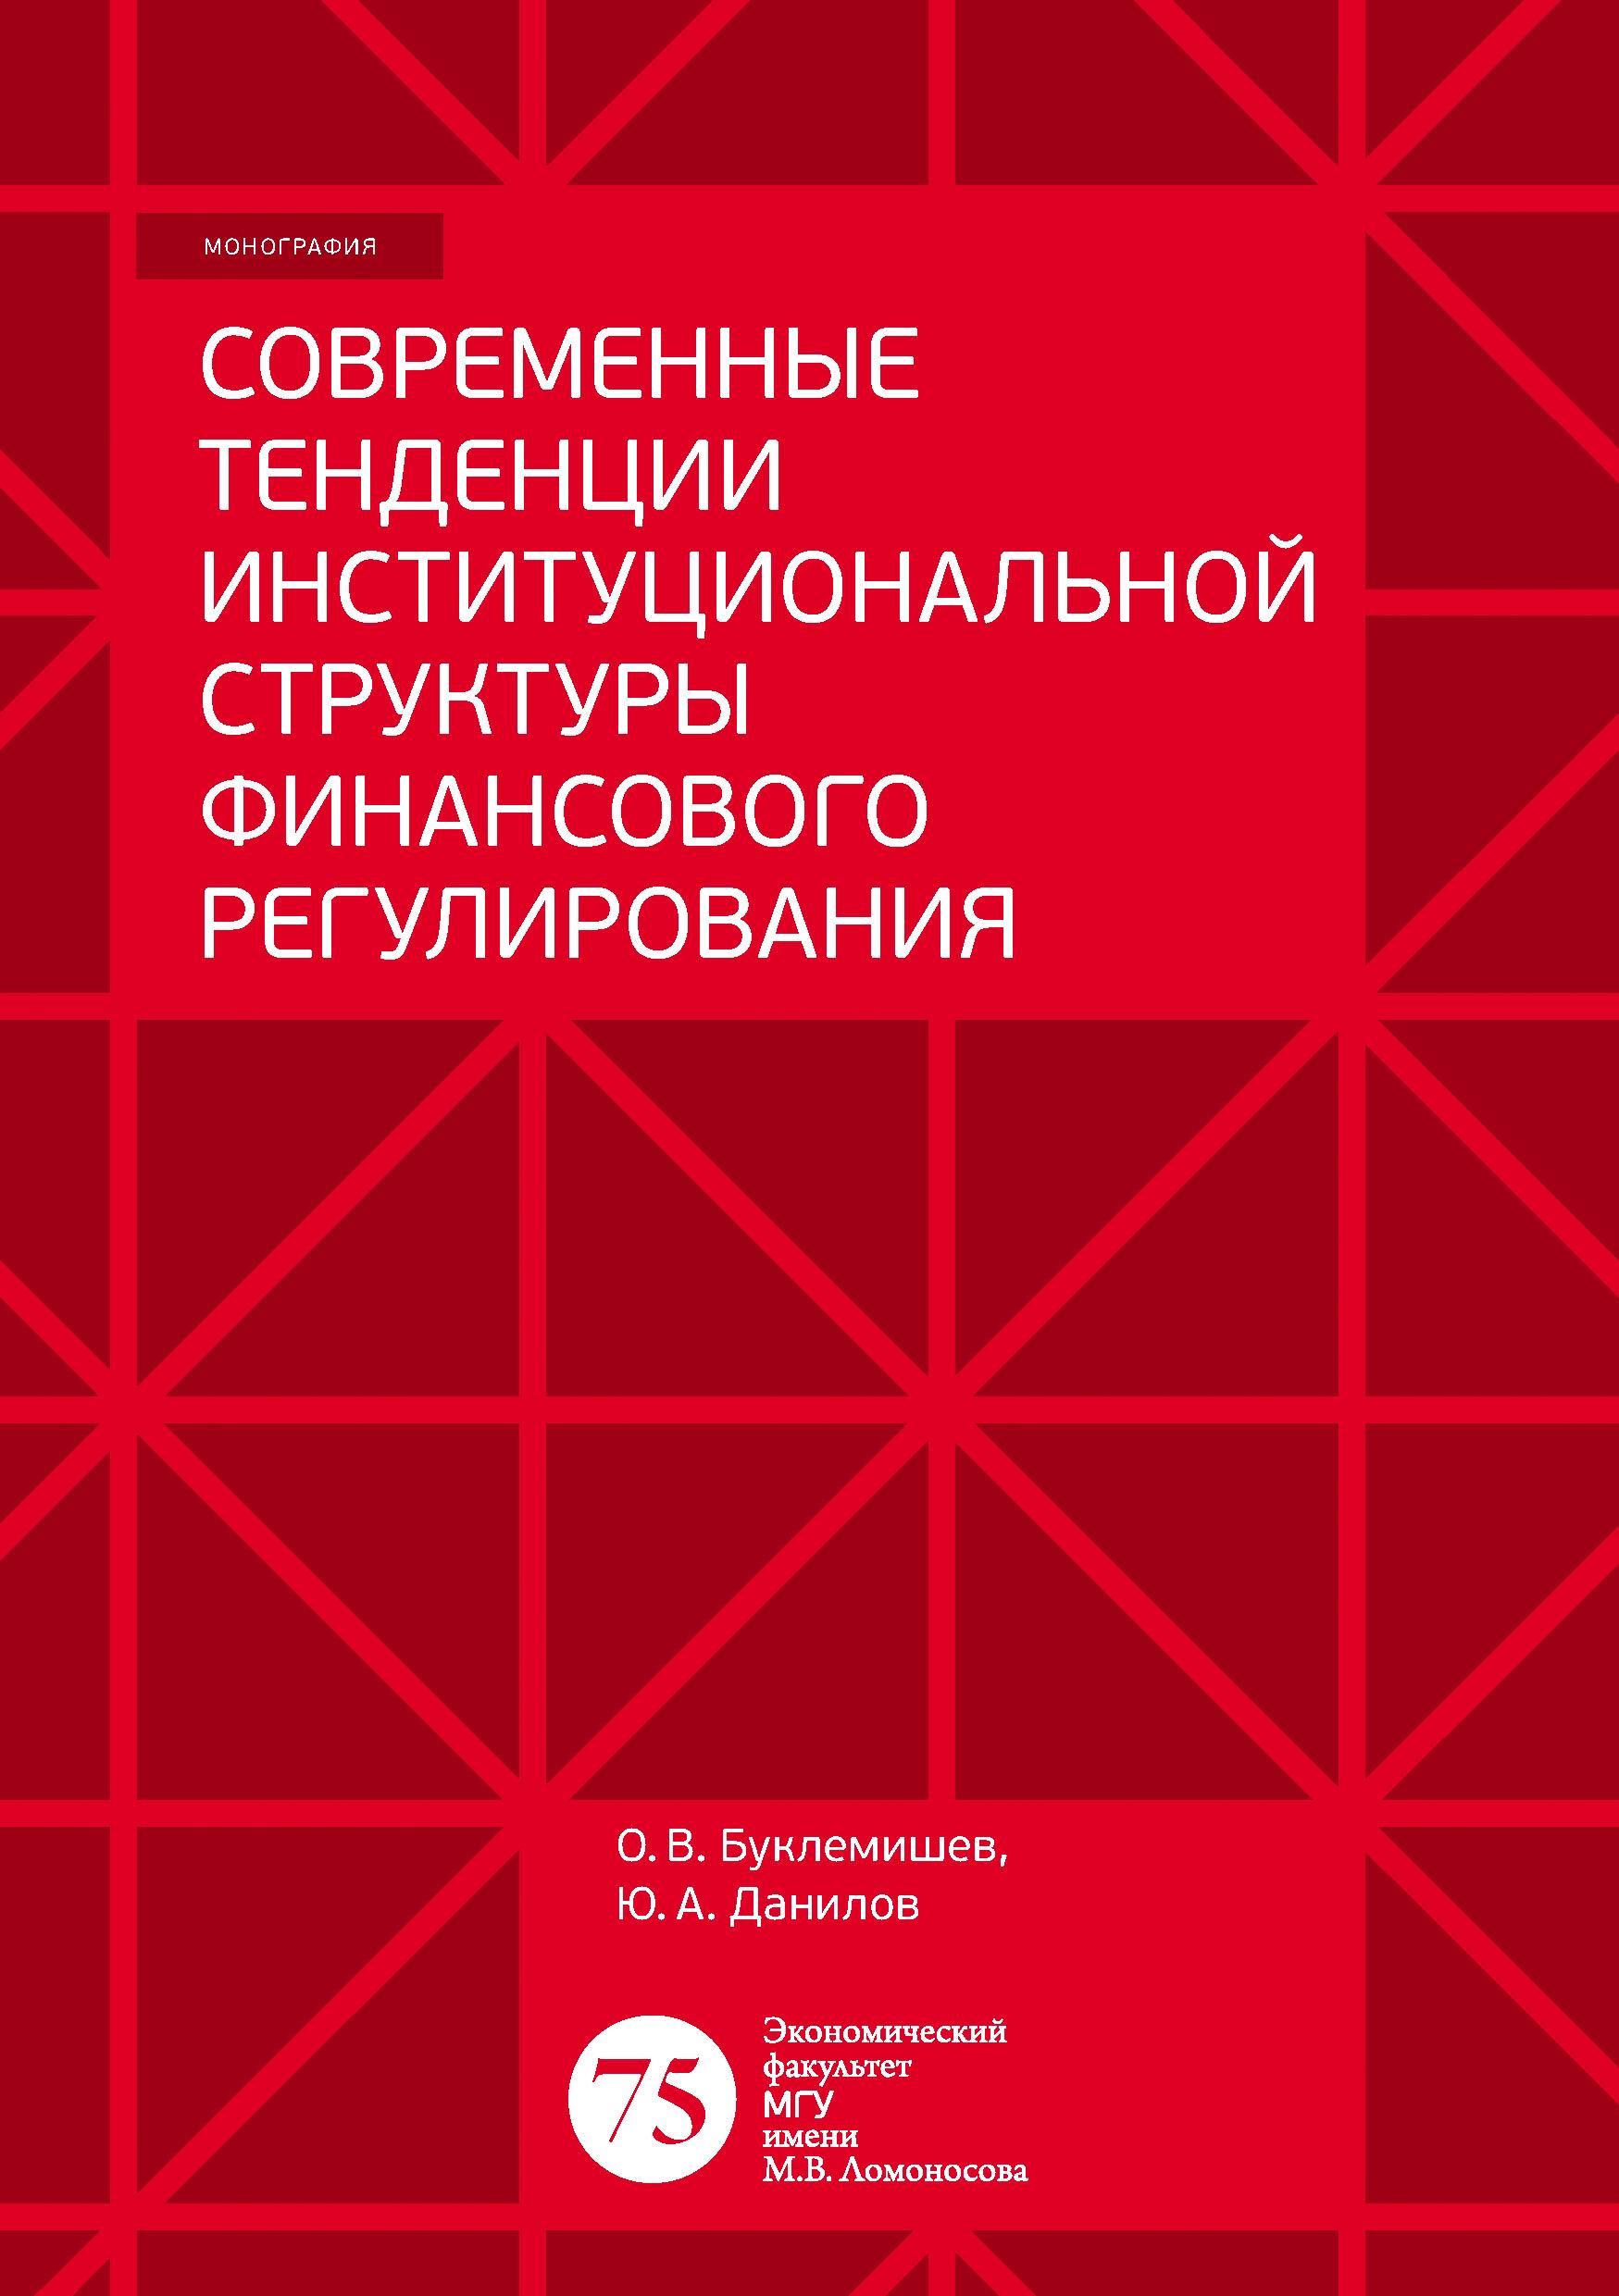 Ю. А. Данилов Современные тенденции институциональной структуры финансового регулирования цена